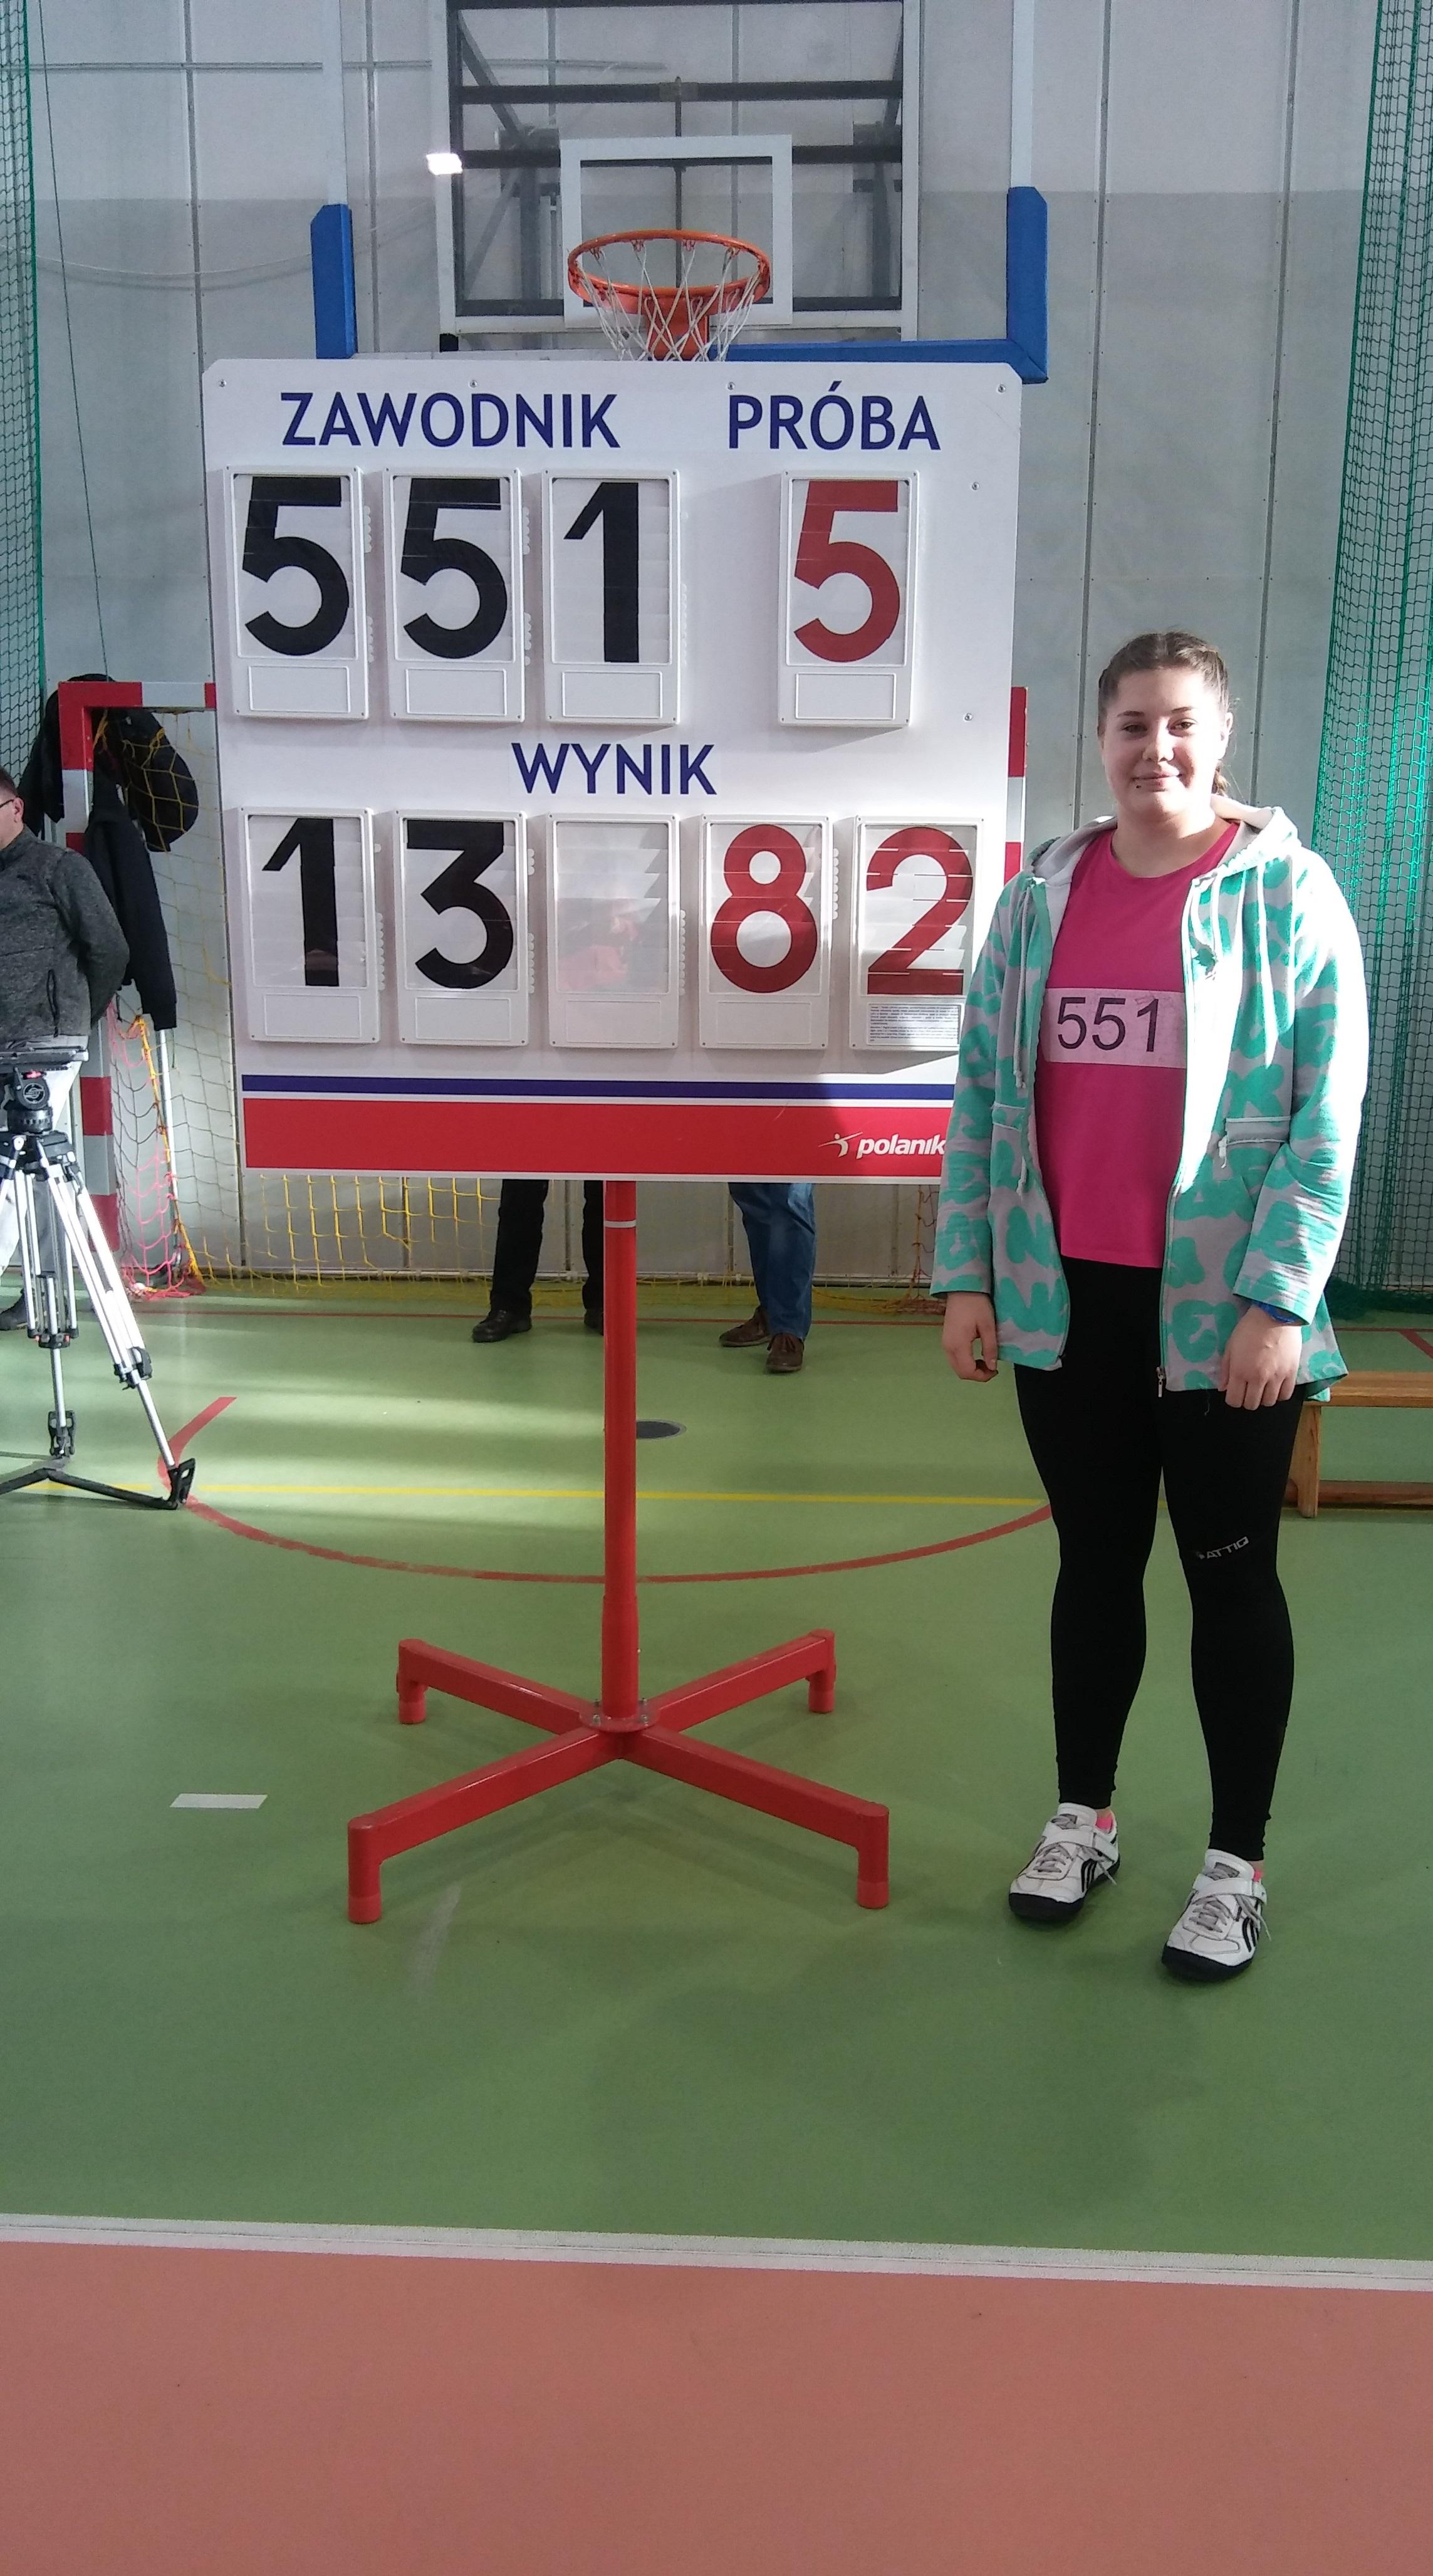 Natalia Klocek 1m. 13.82m